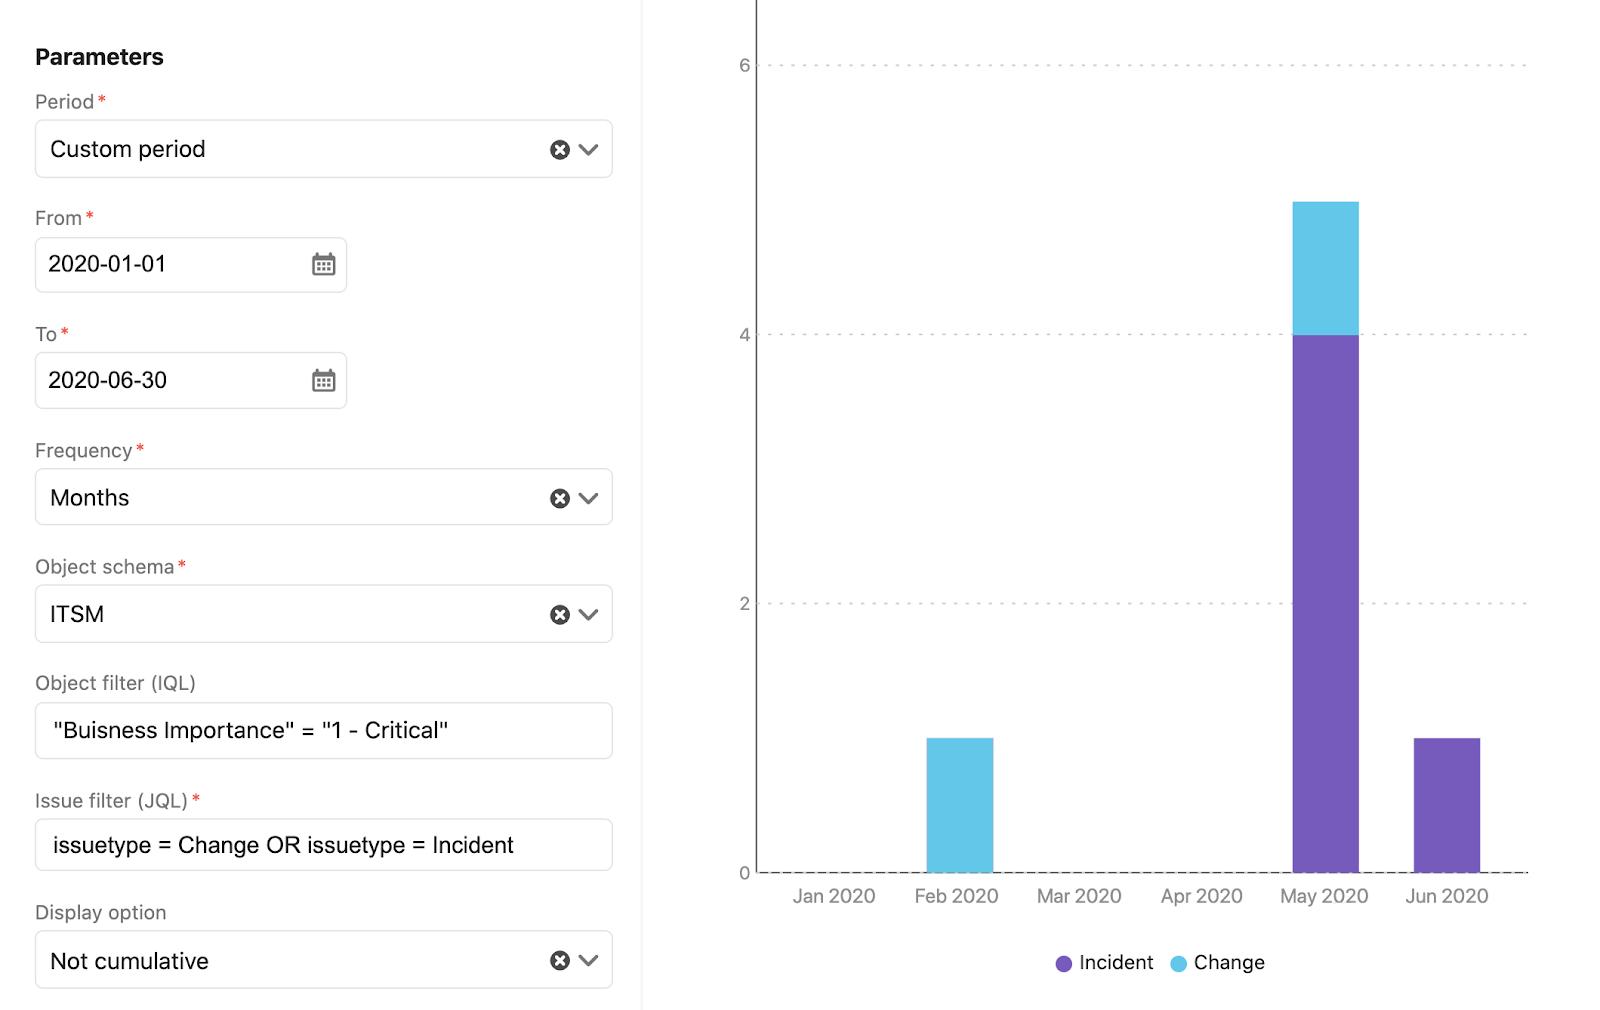 Konfigurationsfenster eines Insight-Berichts, das die Anzahl der Änderungen oder Vorfälle im Zusammenhang mit Objekten anzeigt, denen die höchste geschäftliche Bedeutung zugewiesen wurde.